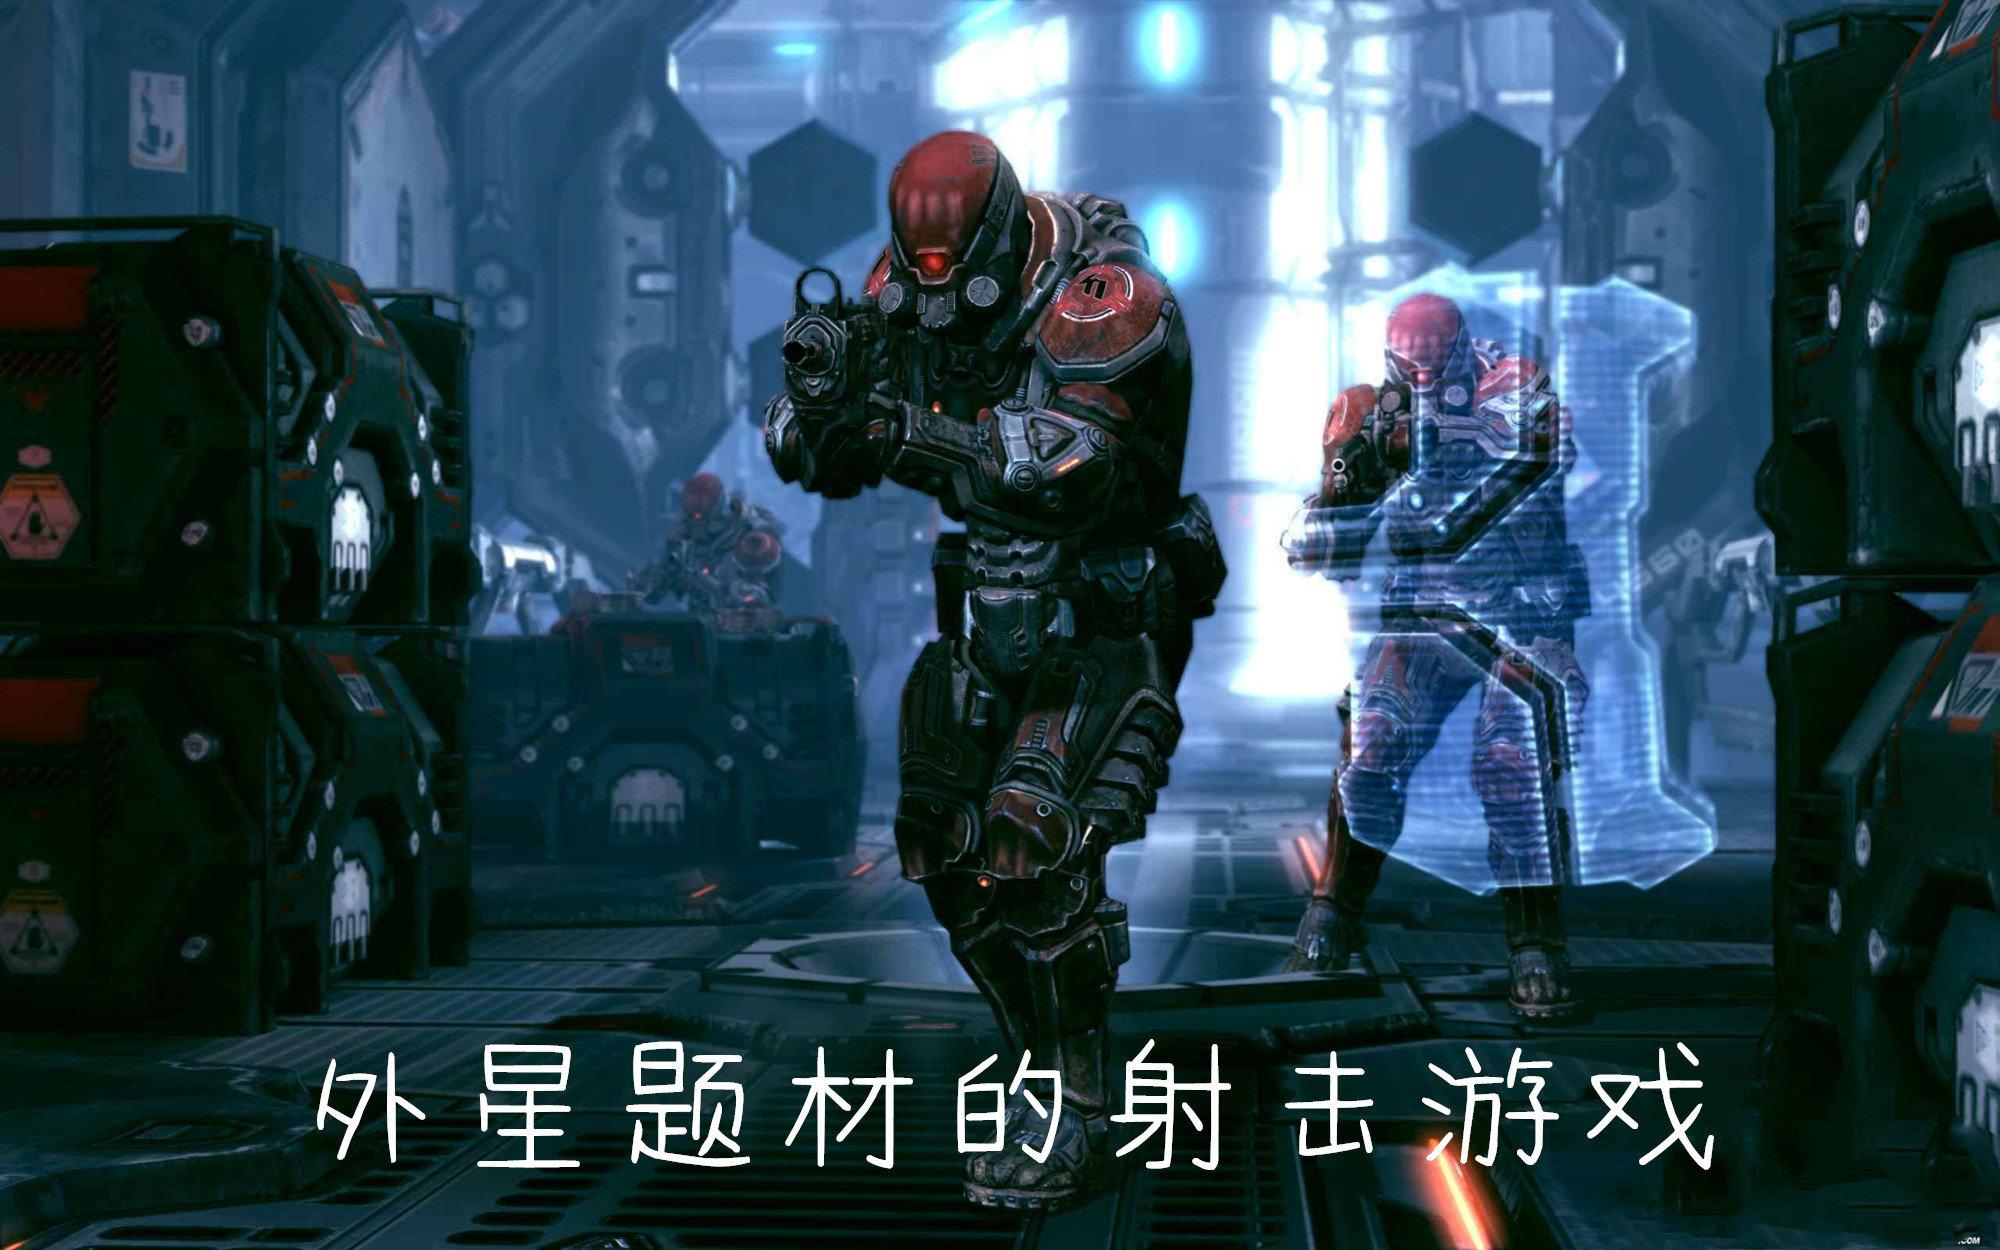 外星题材的射击游戏